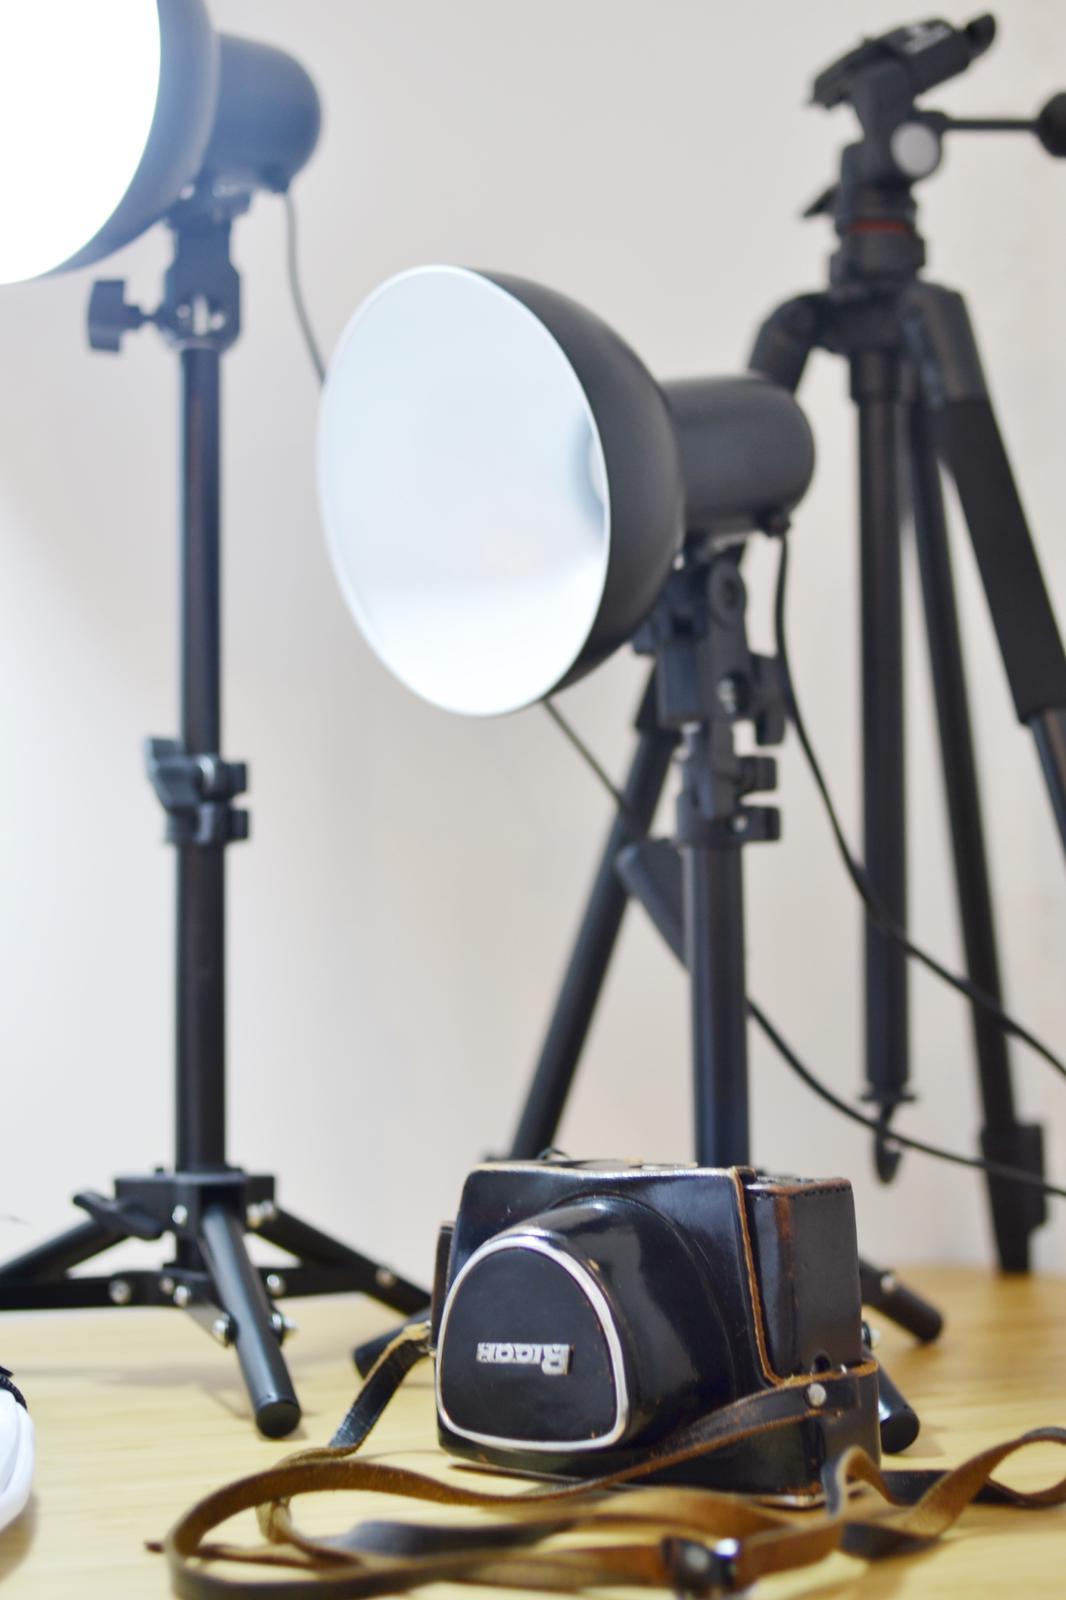 También encontrarás algunos objetos del equipo de fotografía de...